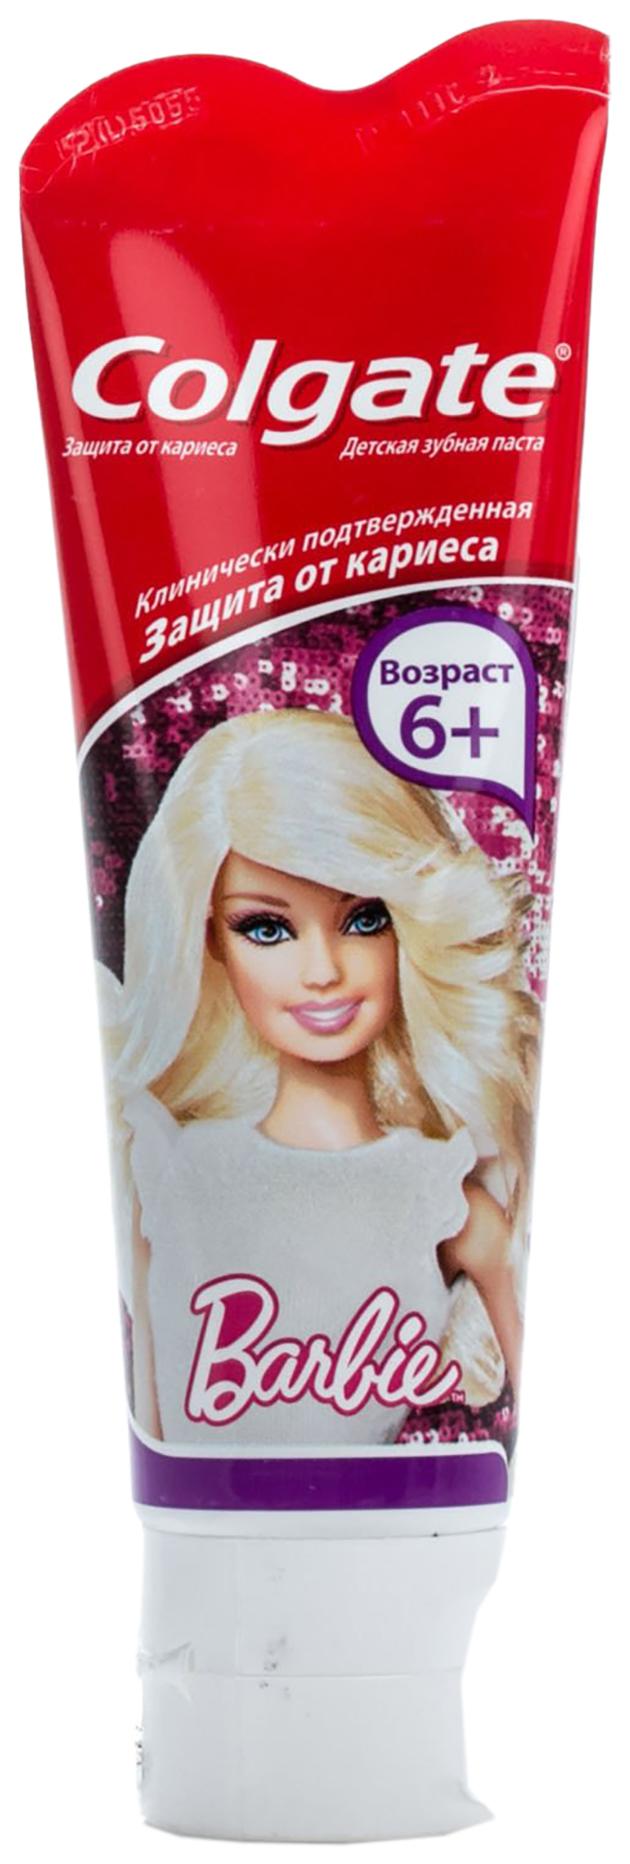 Купить Детская зубная паста Colgate Барби 75 мл, Детские зубные пасты